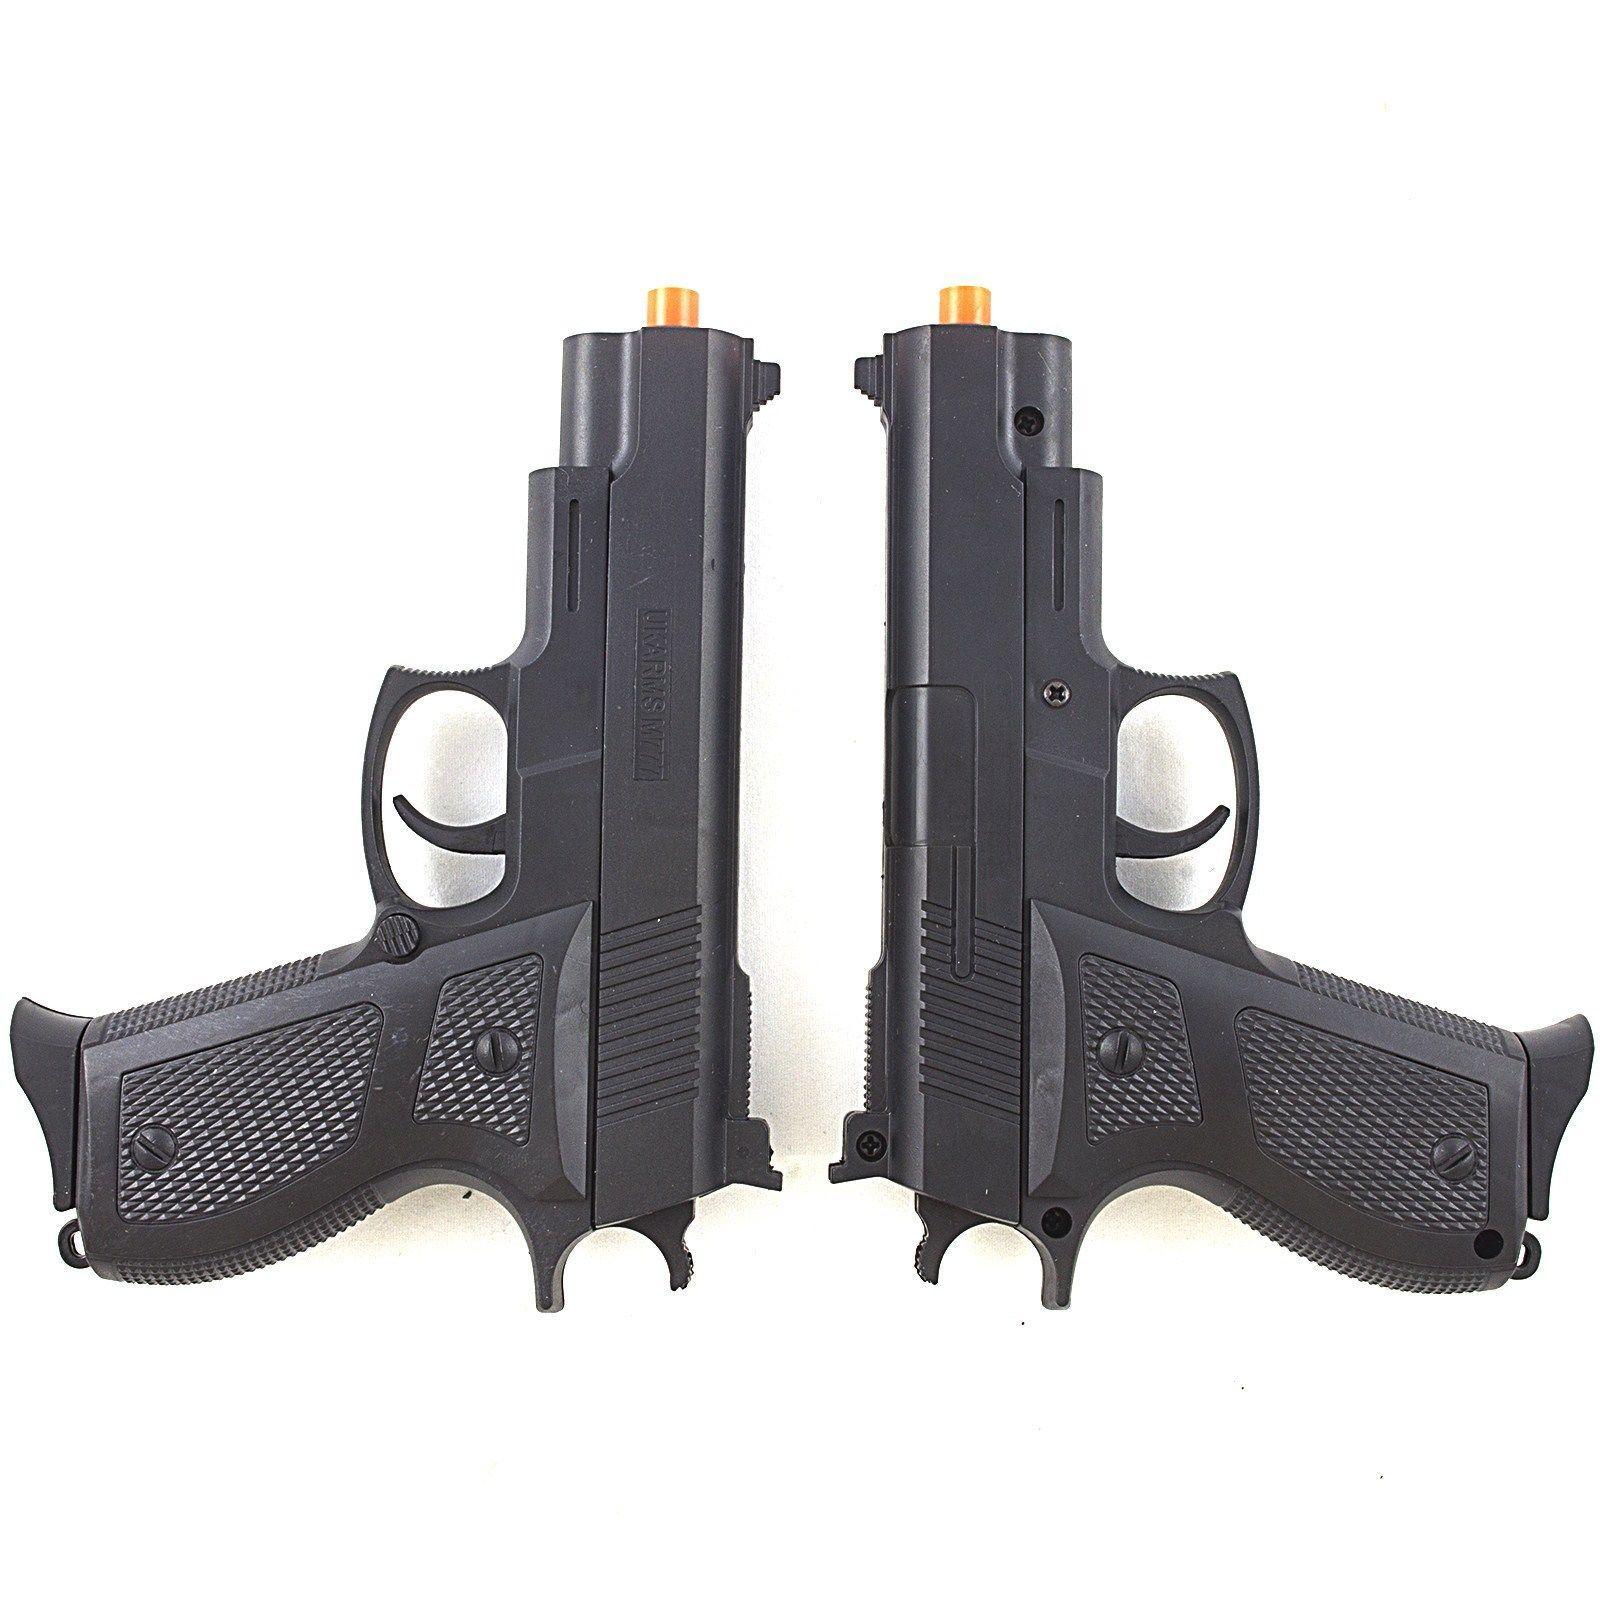 2 x M777B SPRING AIRSOFT PISTOL HAND GUN AIR w/ 6mm BB BBs Set Pack